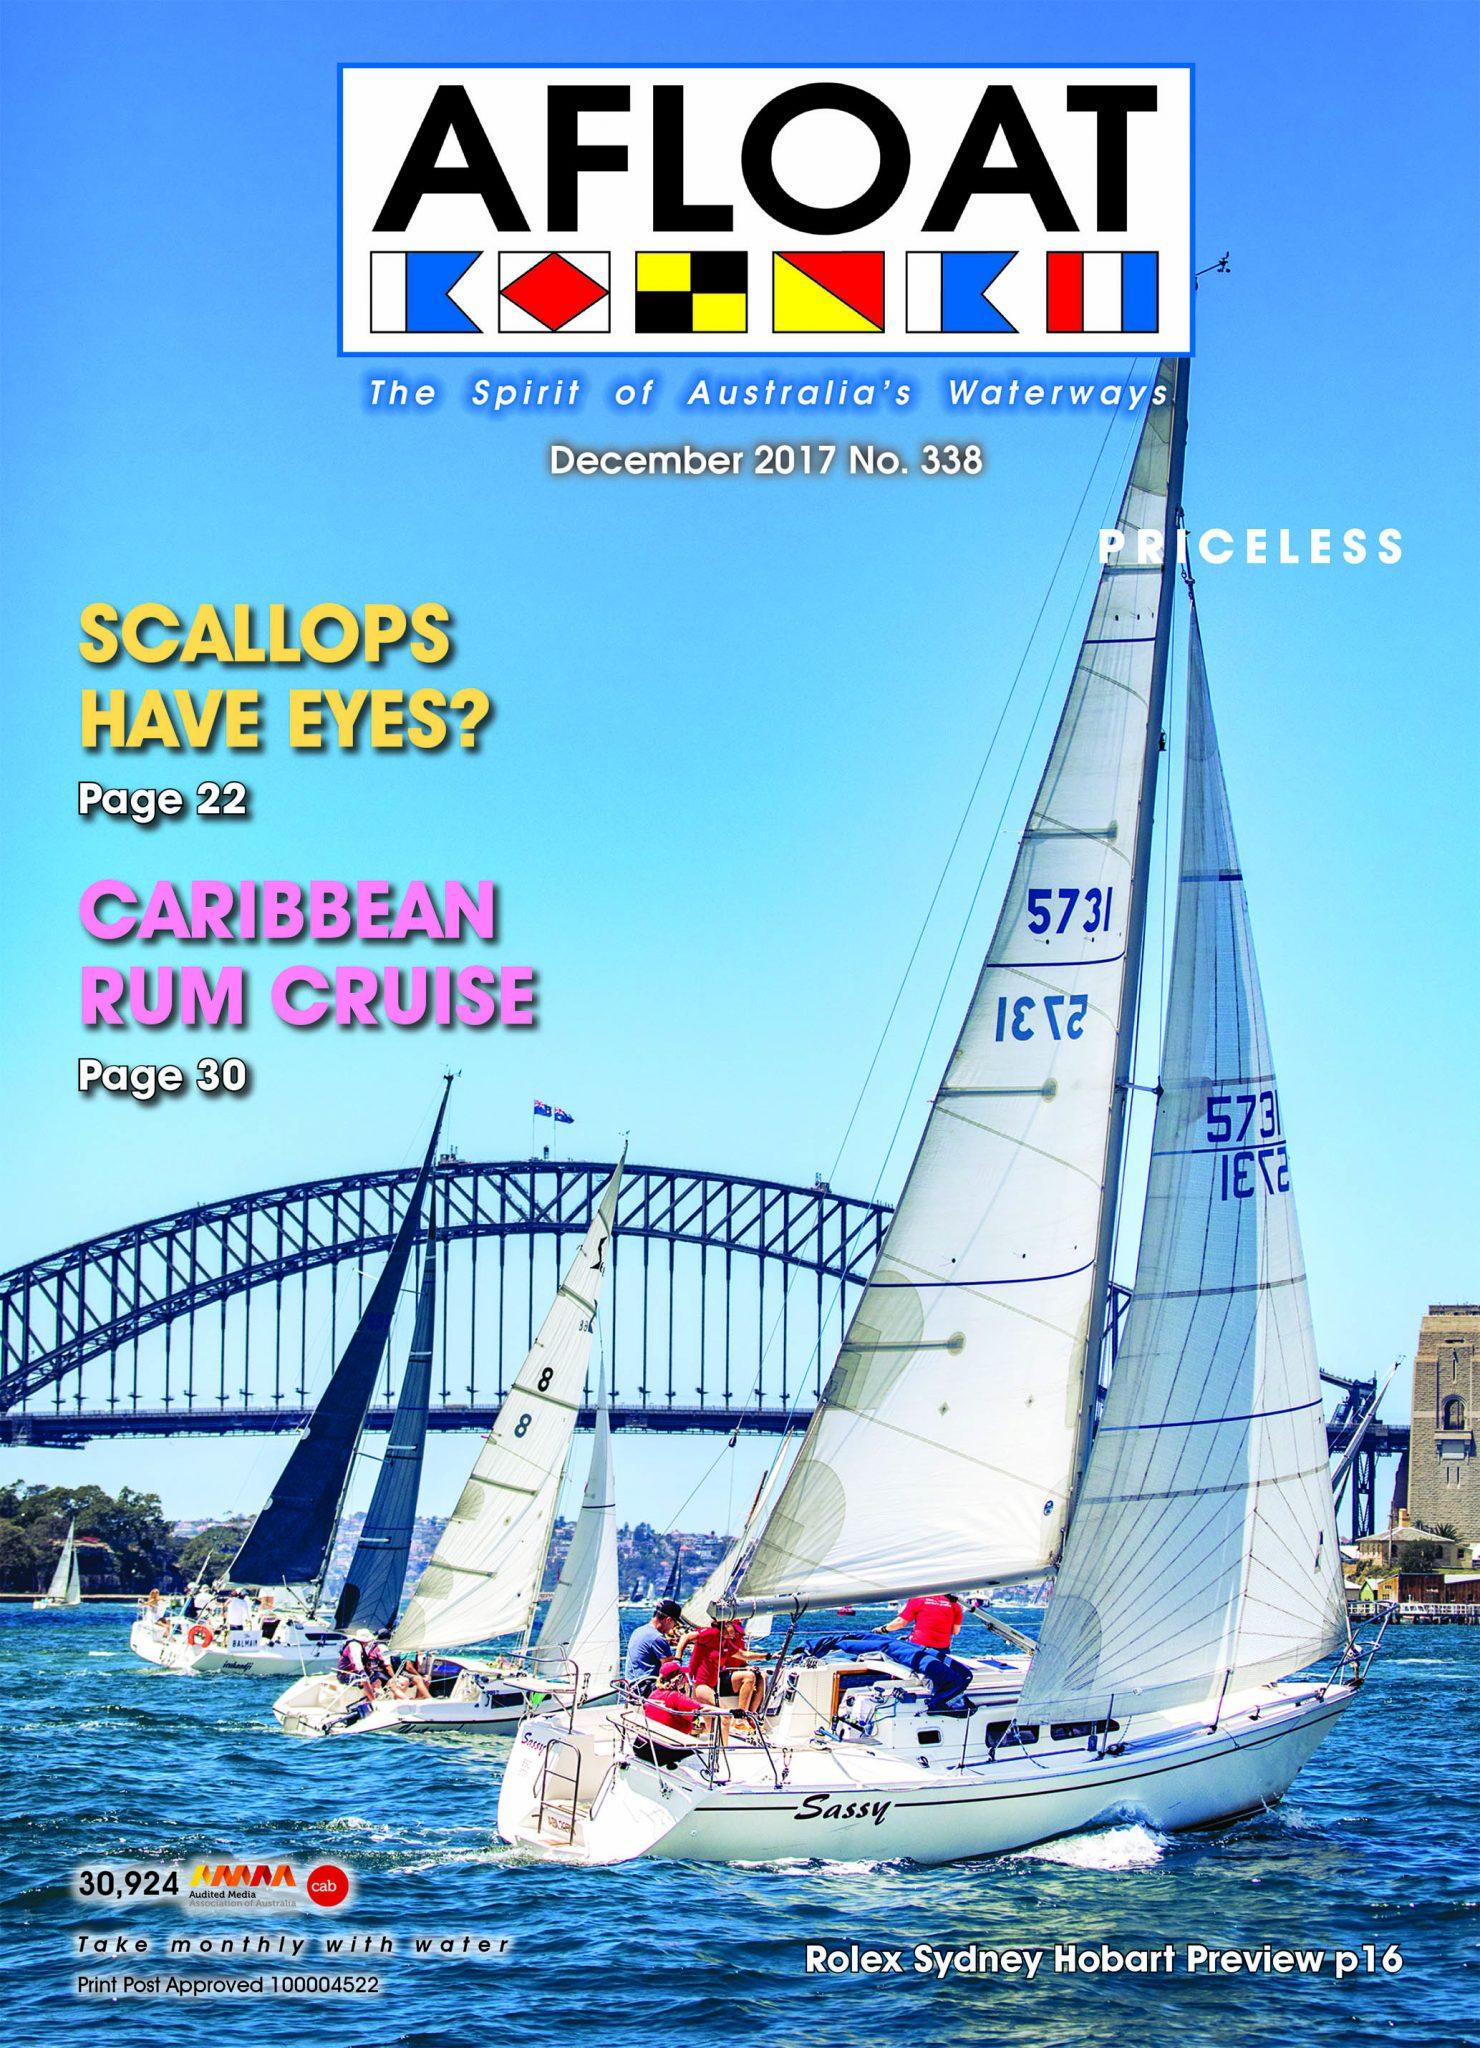 AFLOAT Cover December 2017